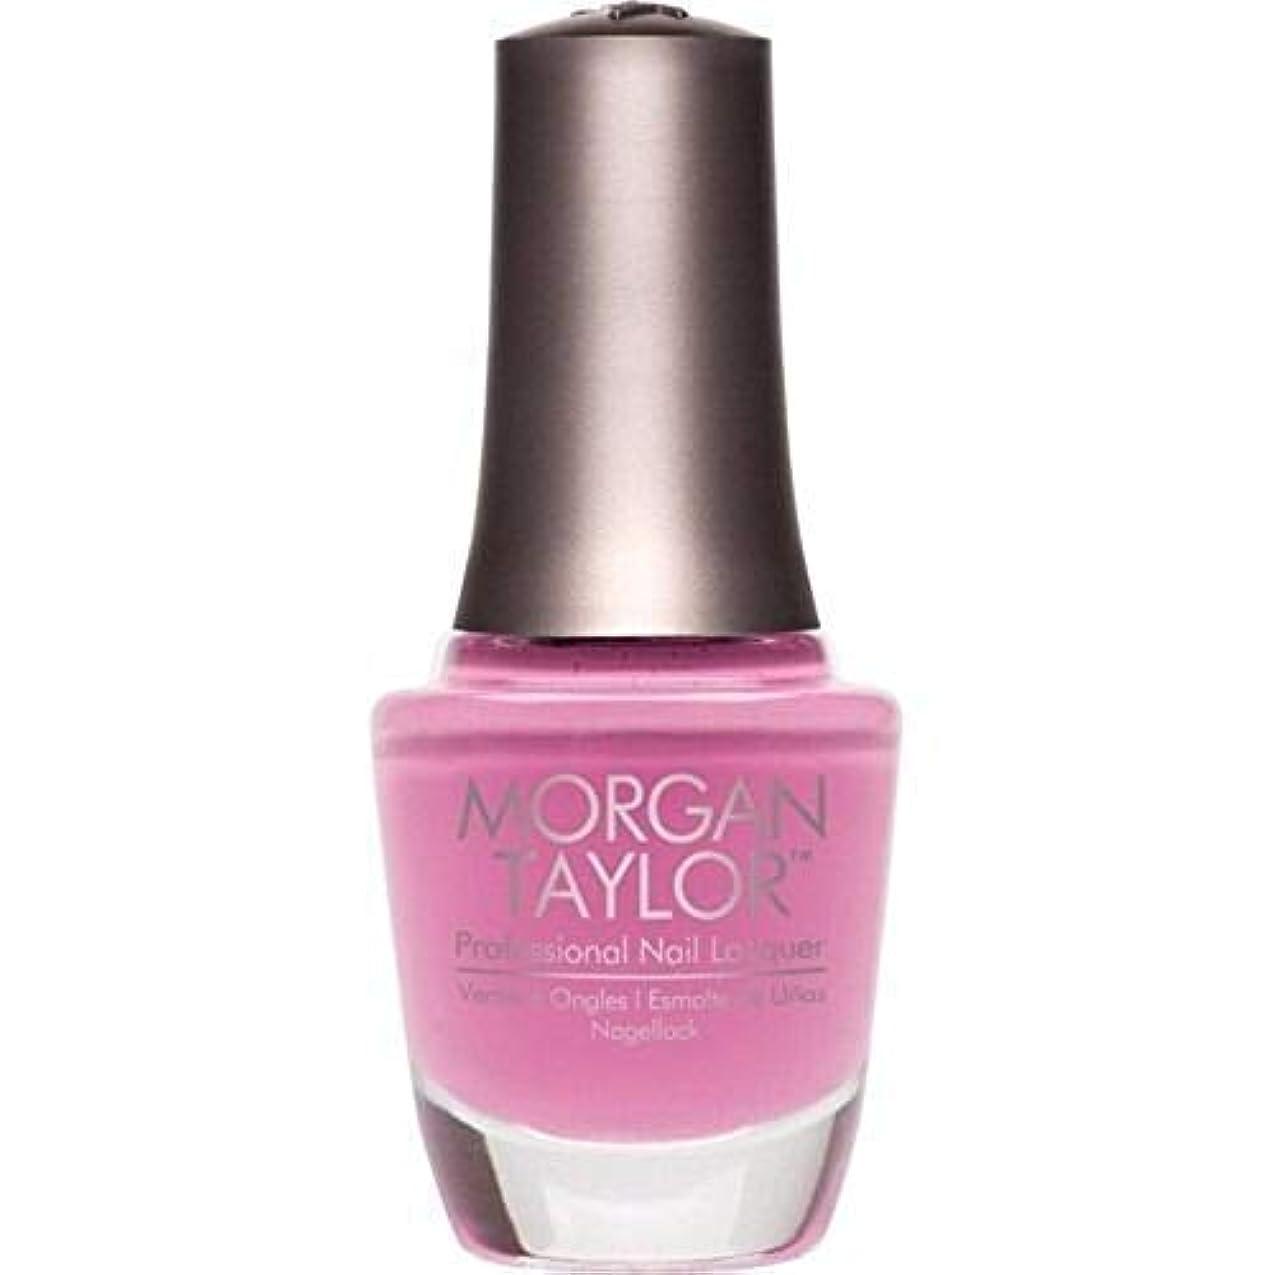 虚弱しなければならないパンフレットMorgan Taylor - Professional Nail Lacquer - Look at You, Pink-achu! - 15 mL / 0.5oz